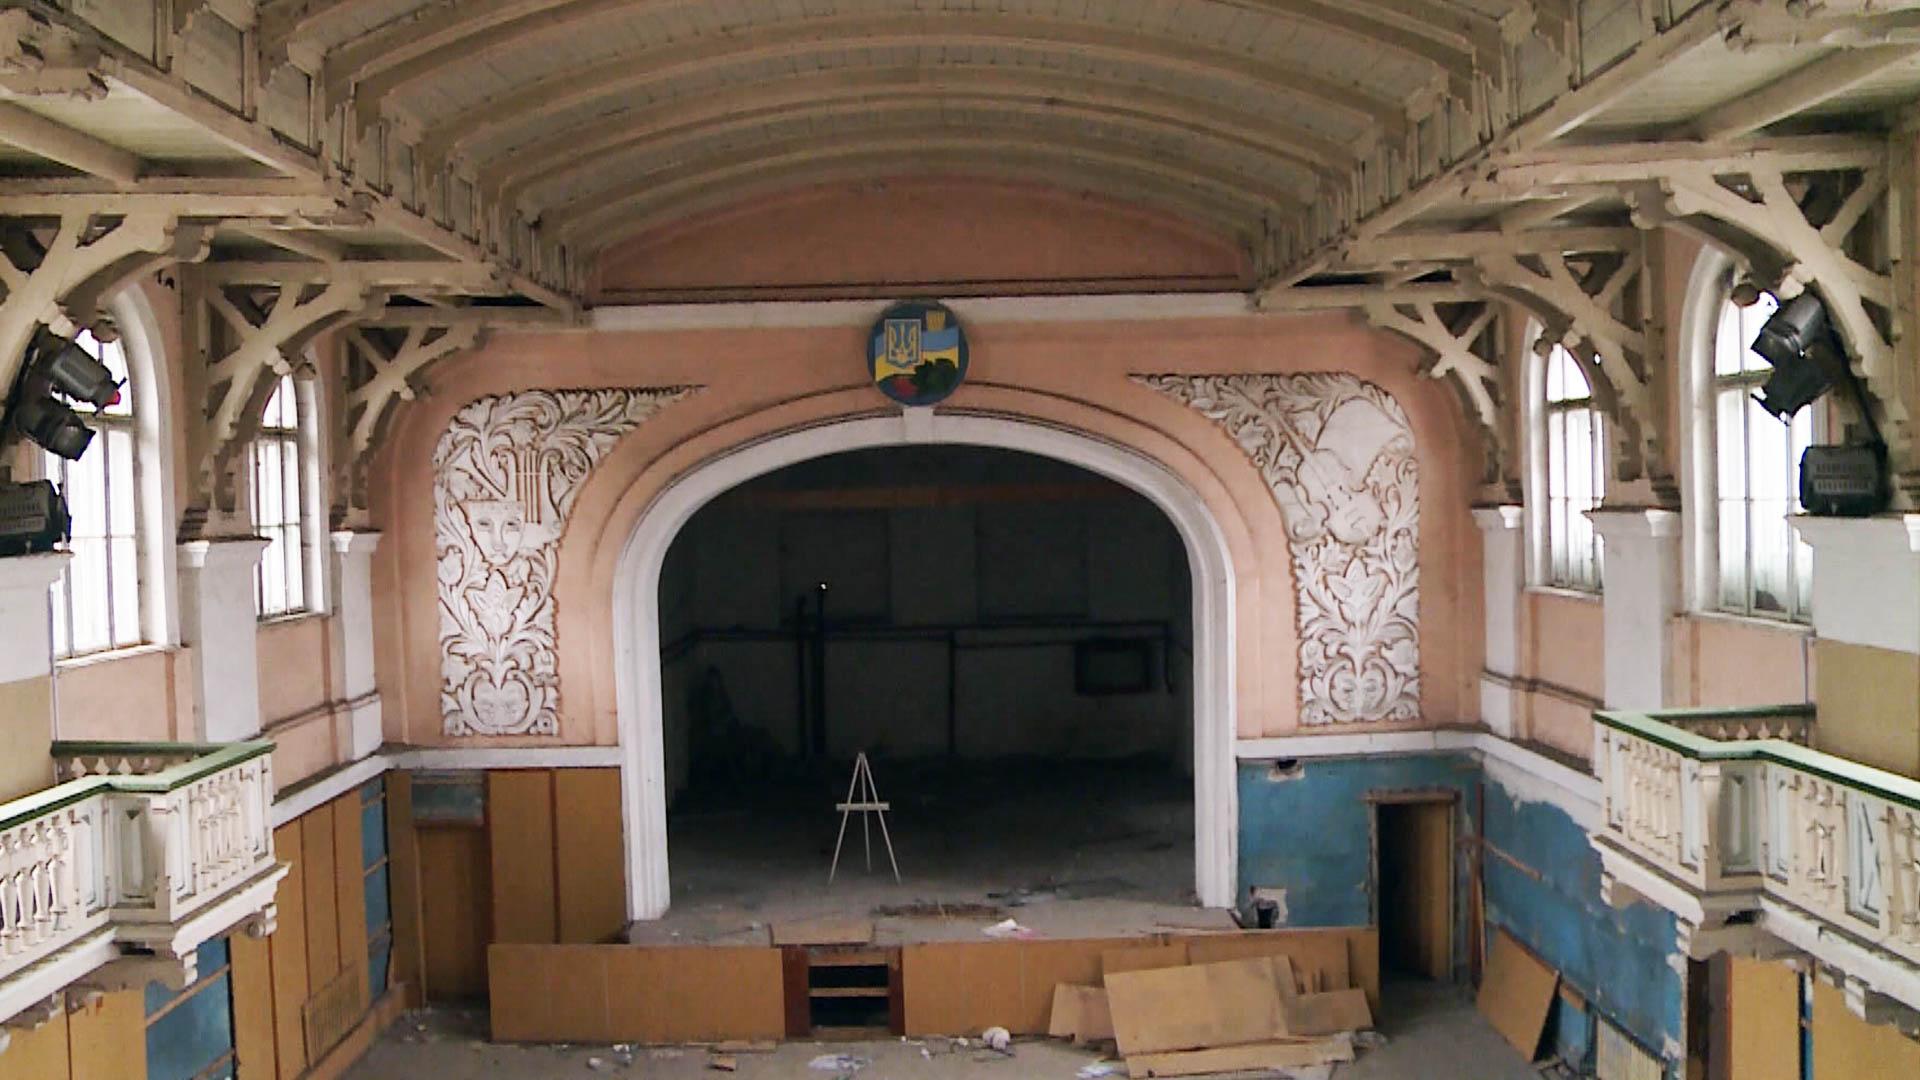 У Коломиї планують відновити пам'ятку архітектури 19 століття (ВІДЕО)